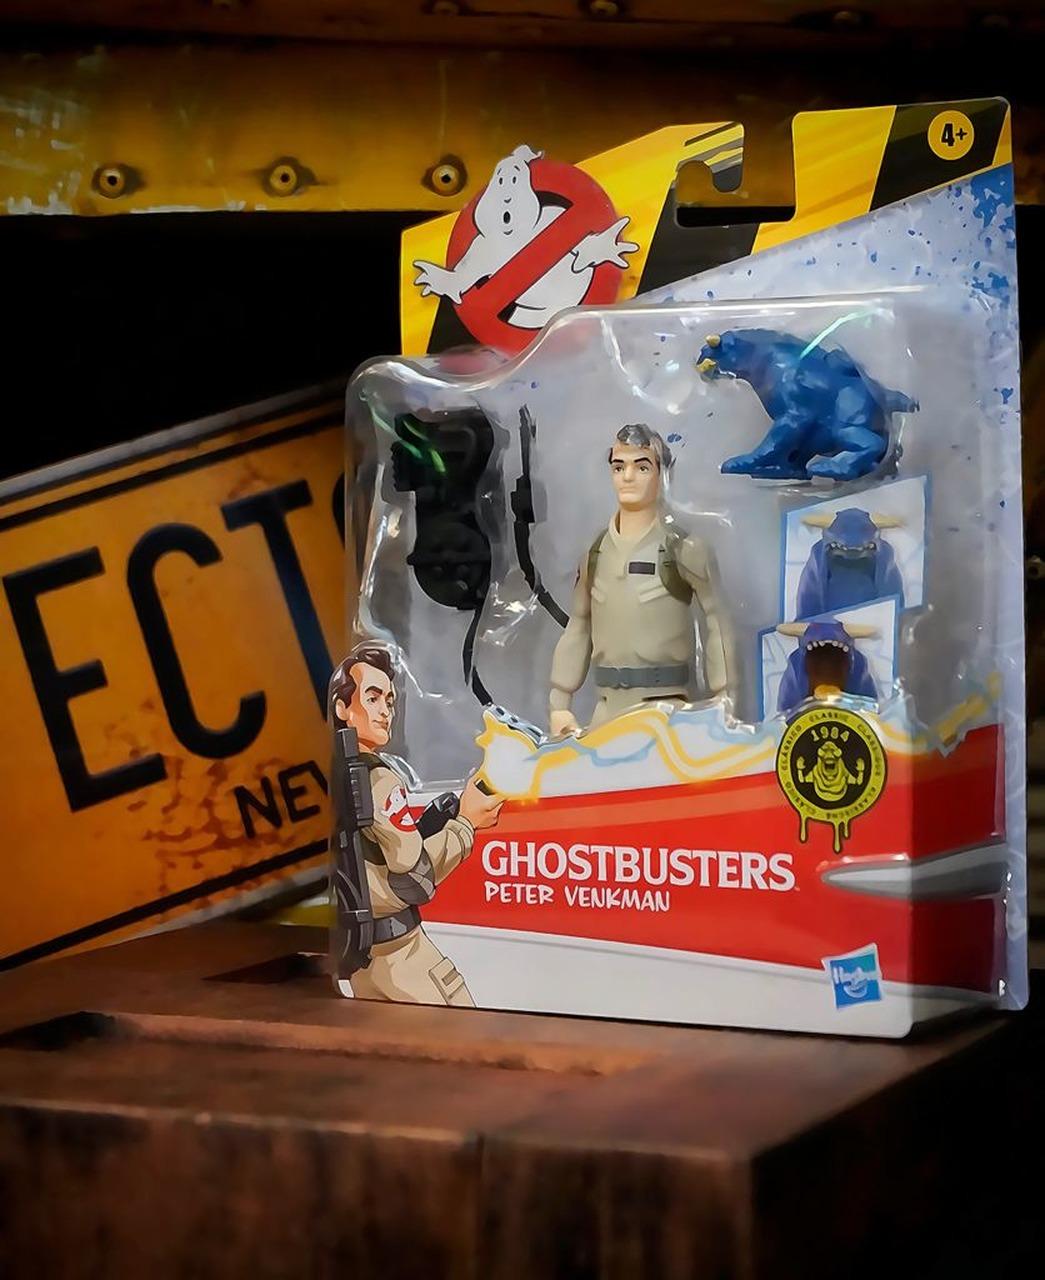 Boneco Action Figure Peter Venkman e Fantasma Zull Os Caça Fantasmas Ghostbusters E9544 - Hasbro